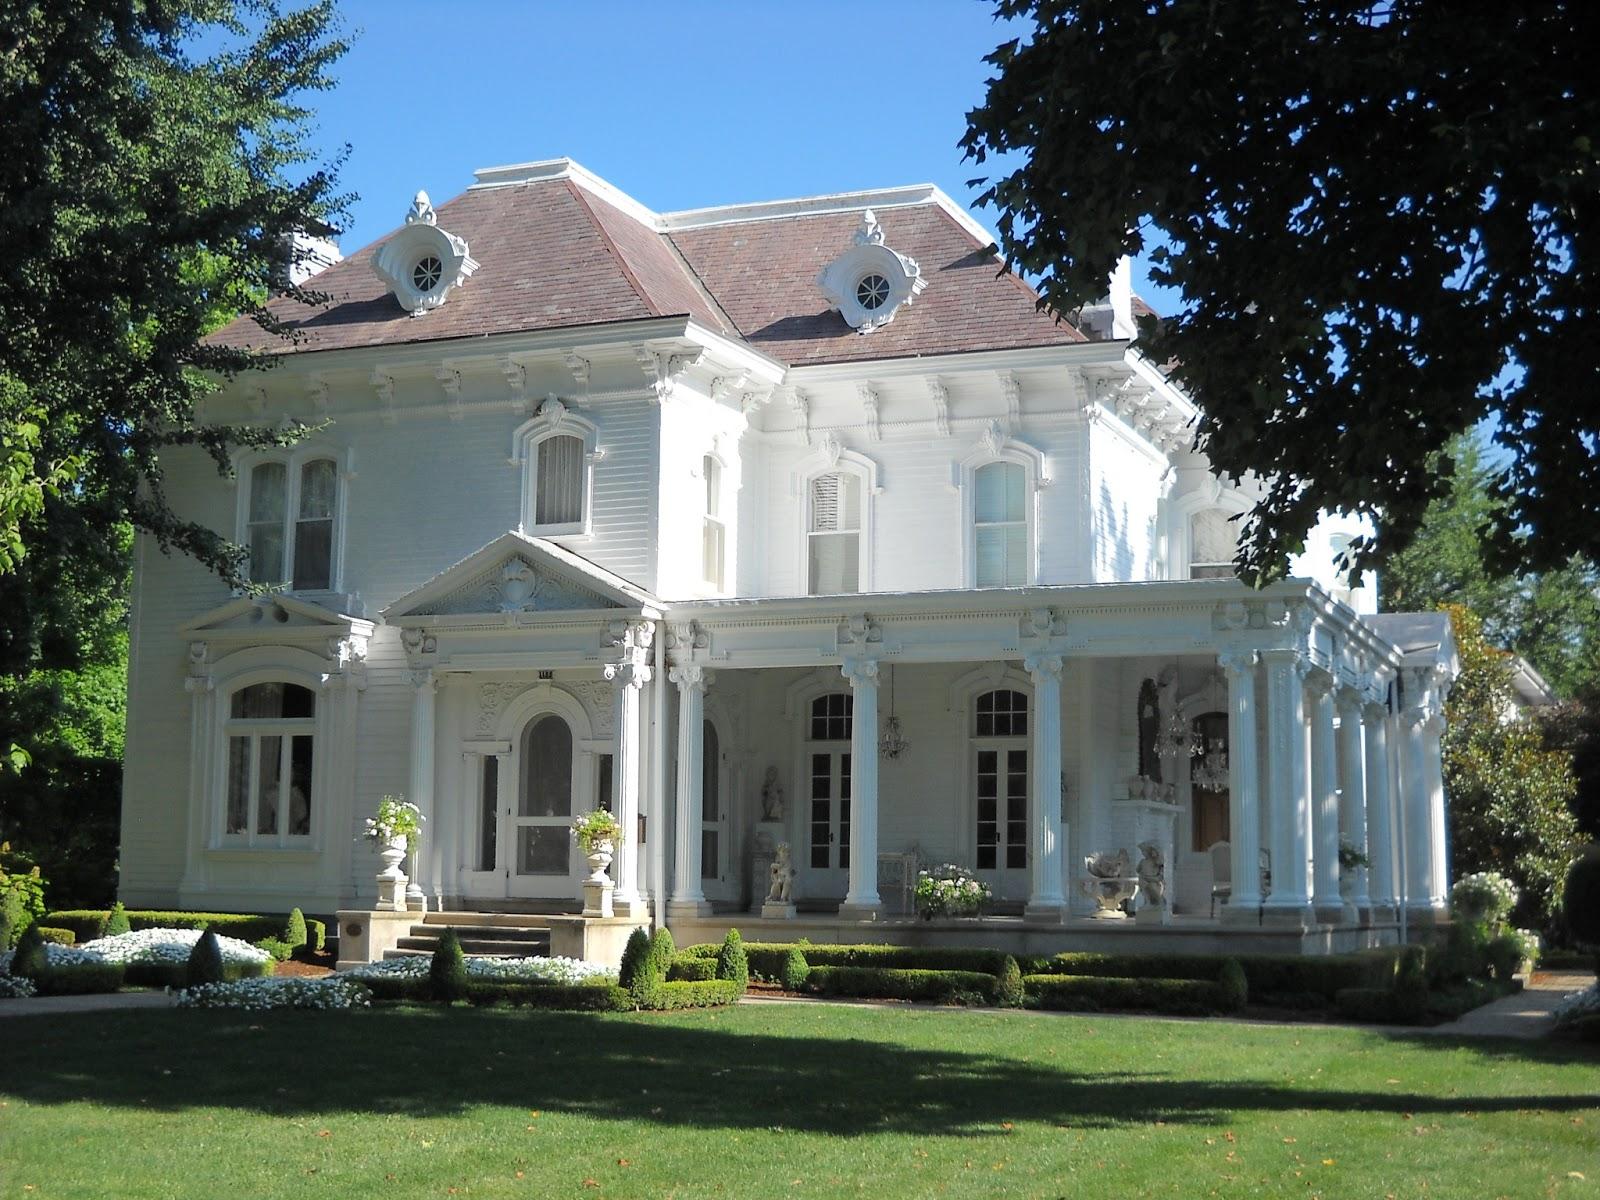 Victorian Wanna Be: Historic Illinois Town